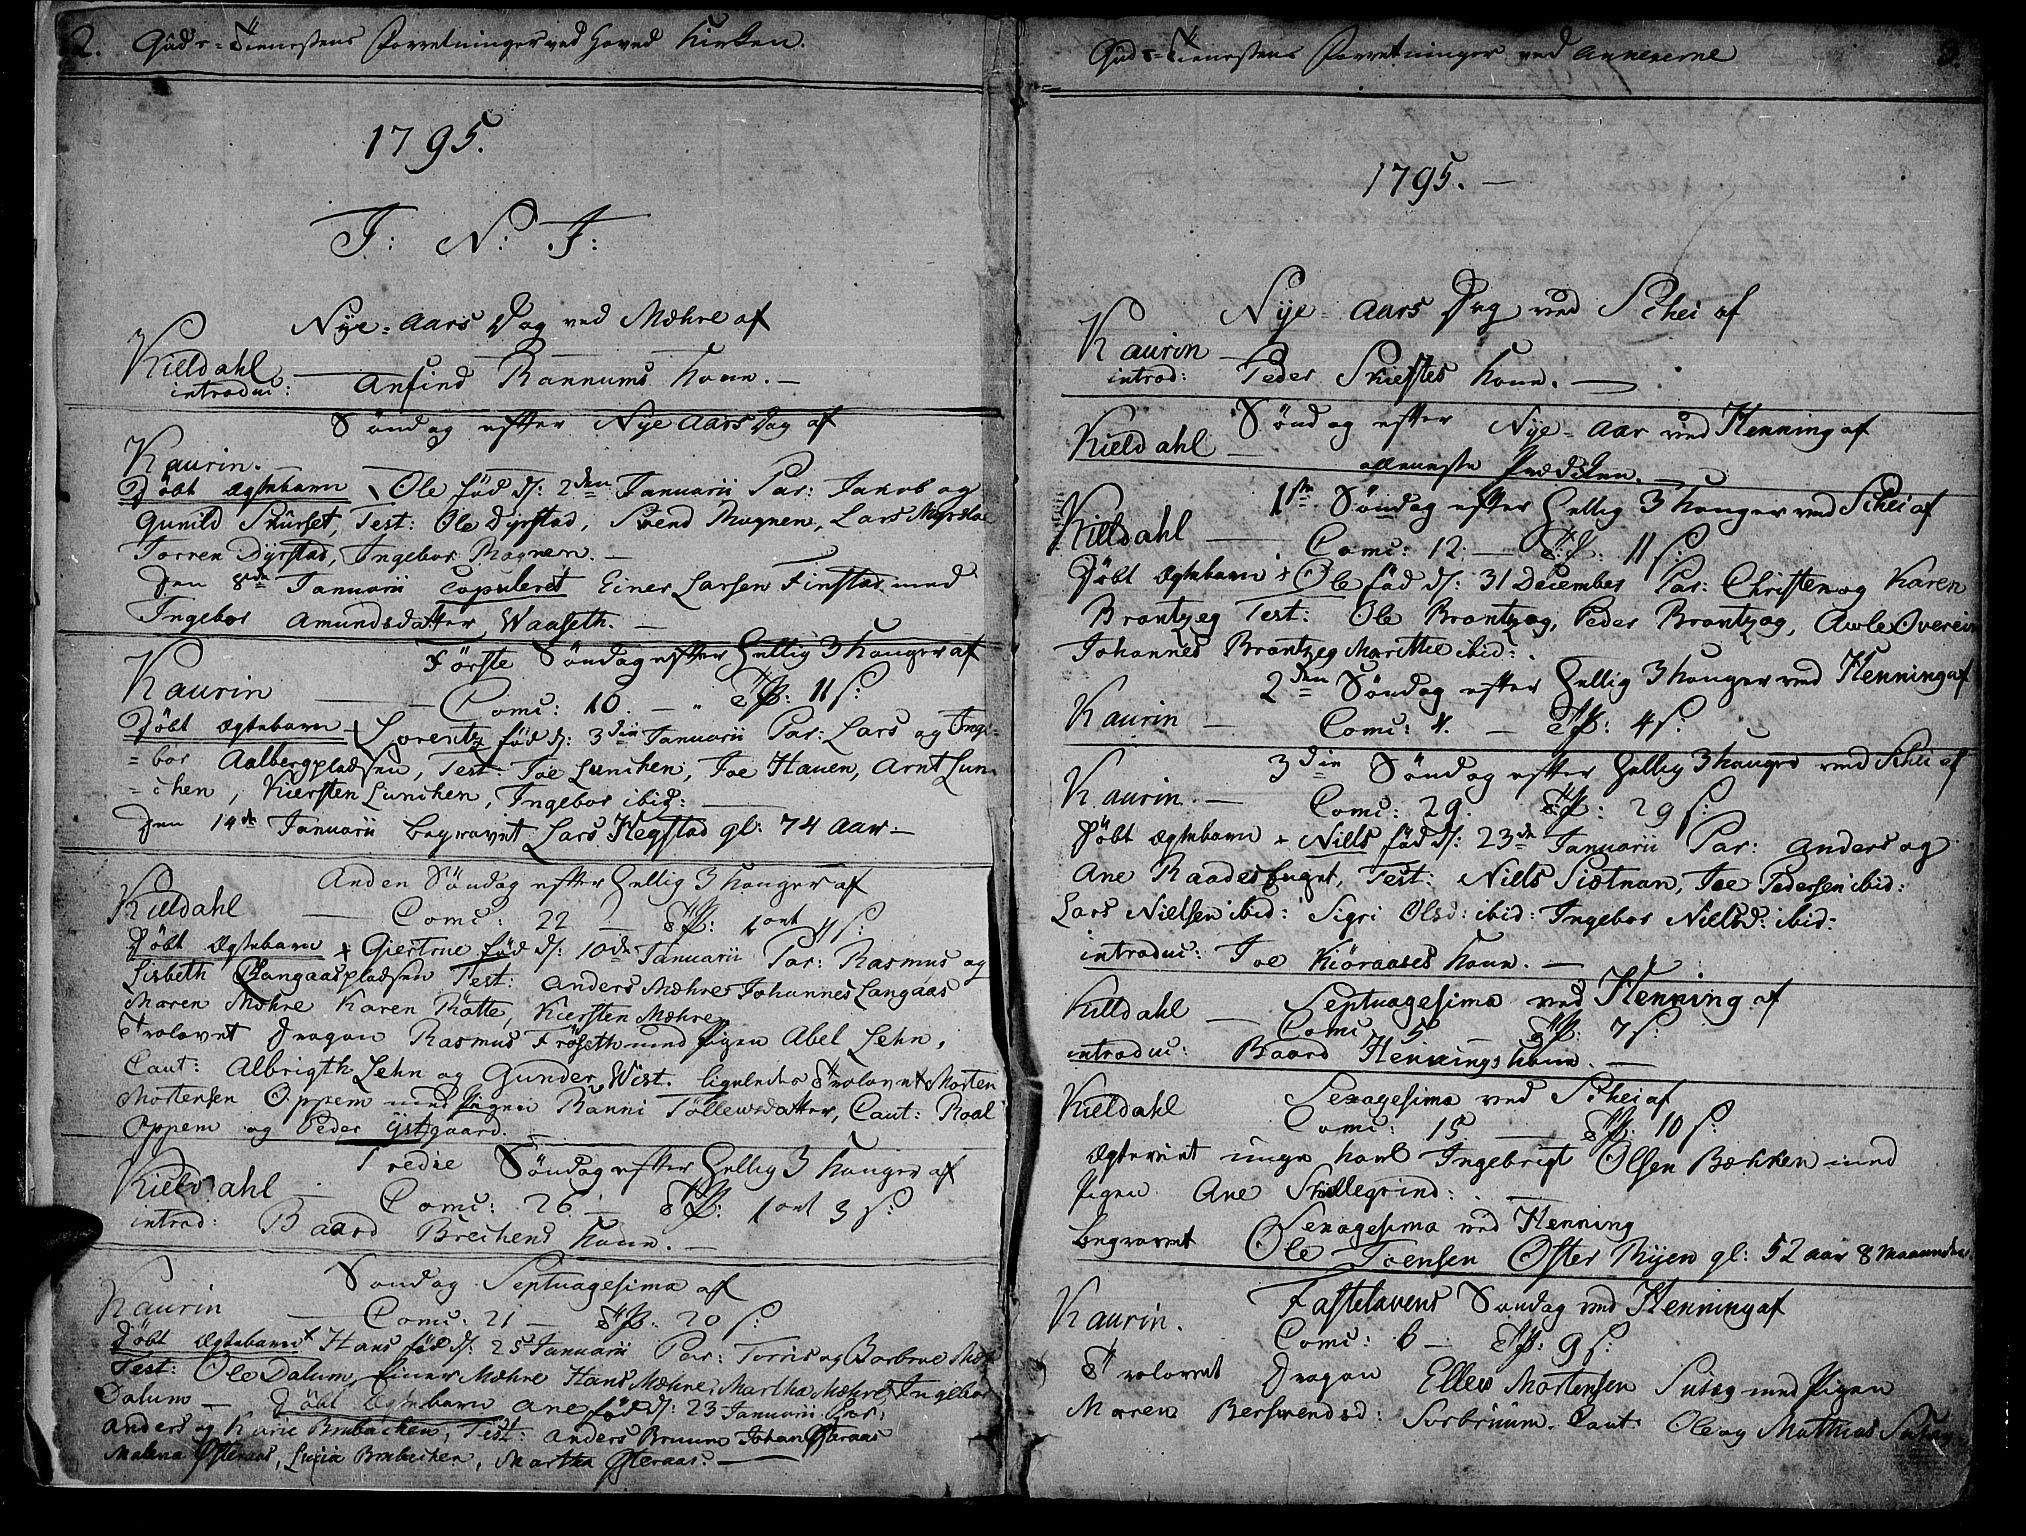 SAT, Ministerialprotokoller, klokkerbøker og fødselsregistre - Nord-Trøndelag, 735/L0332: Parish register (official) no. 735A03, 1795-1816, p. 2-3